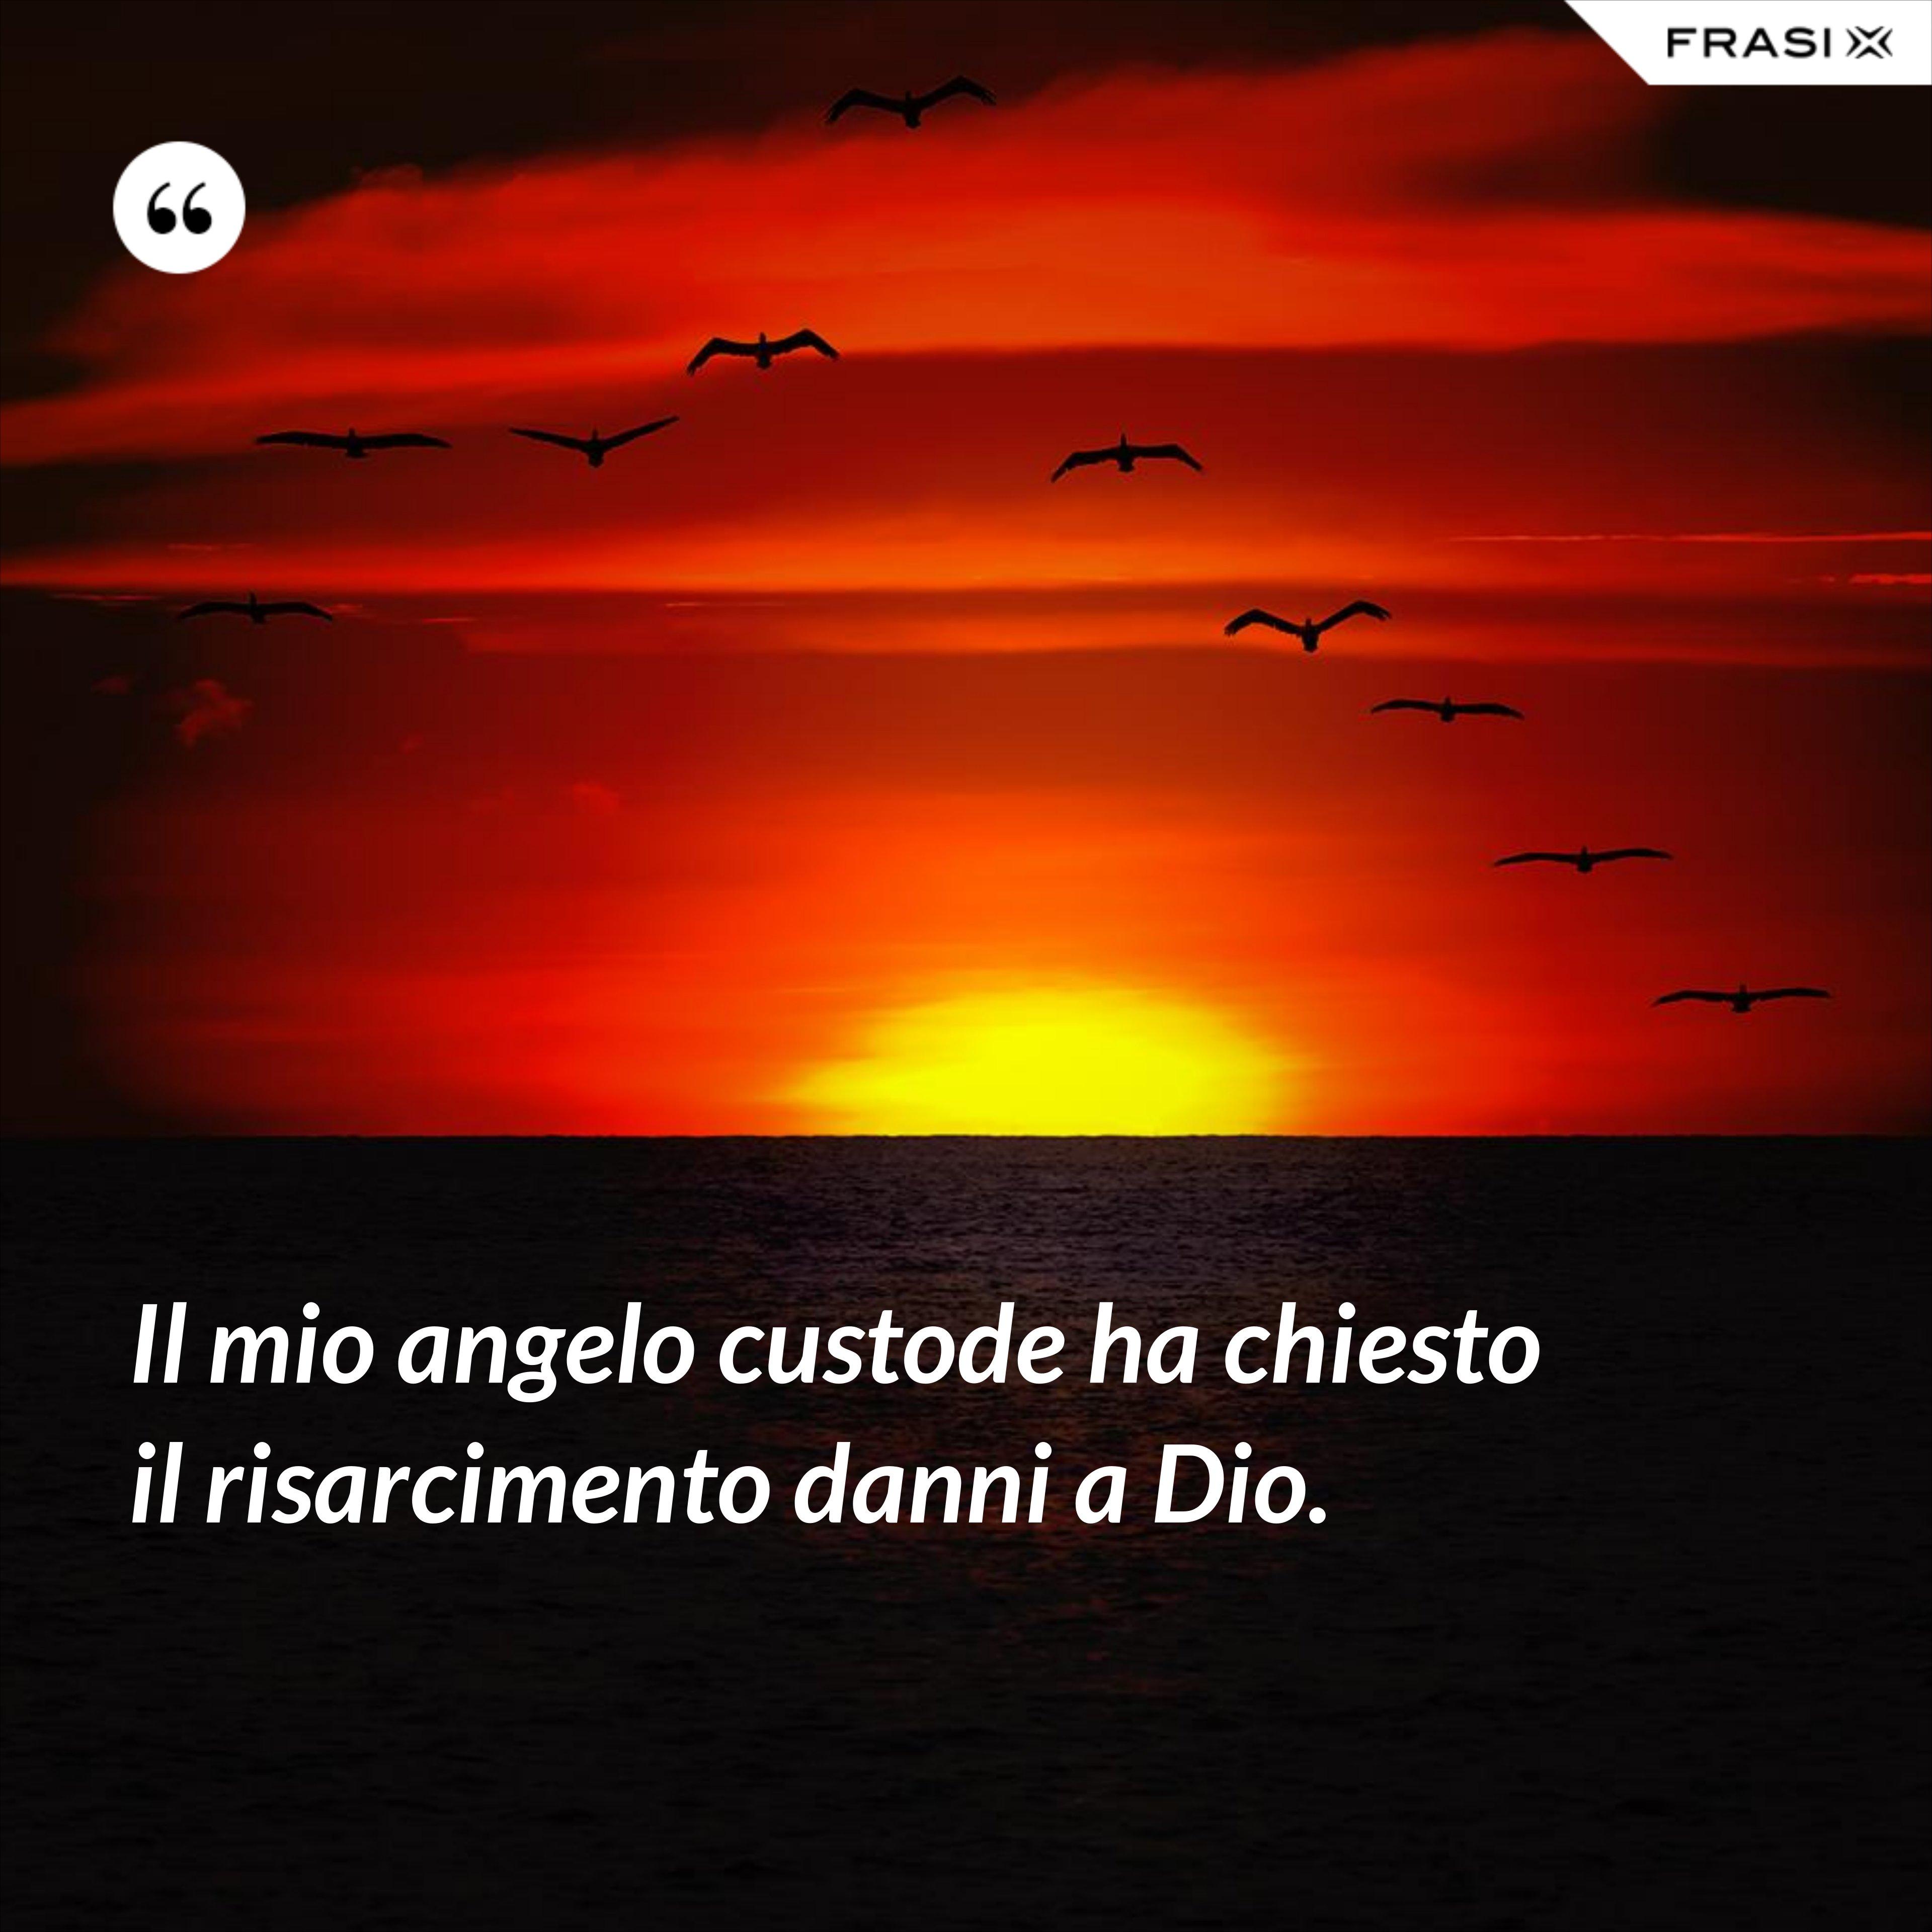 Il mio angelo custode ha chiesto il risarcimento danni a Dio. - Anonimo